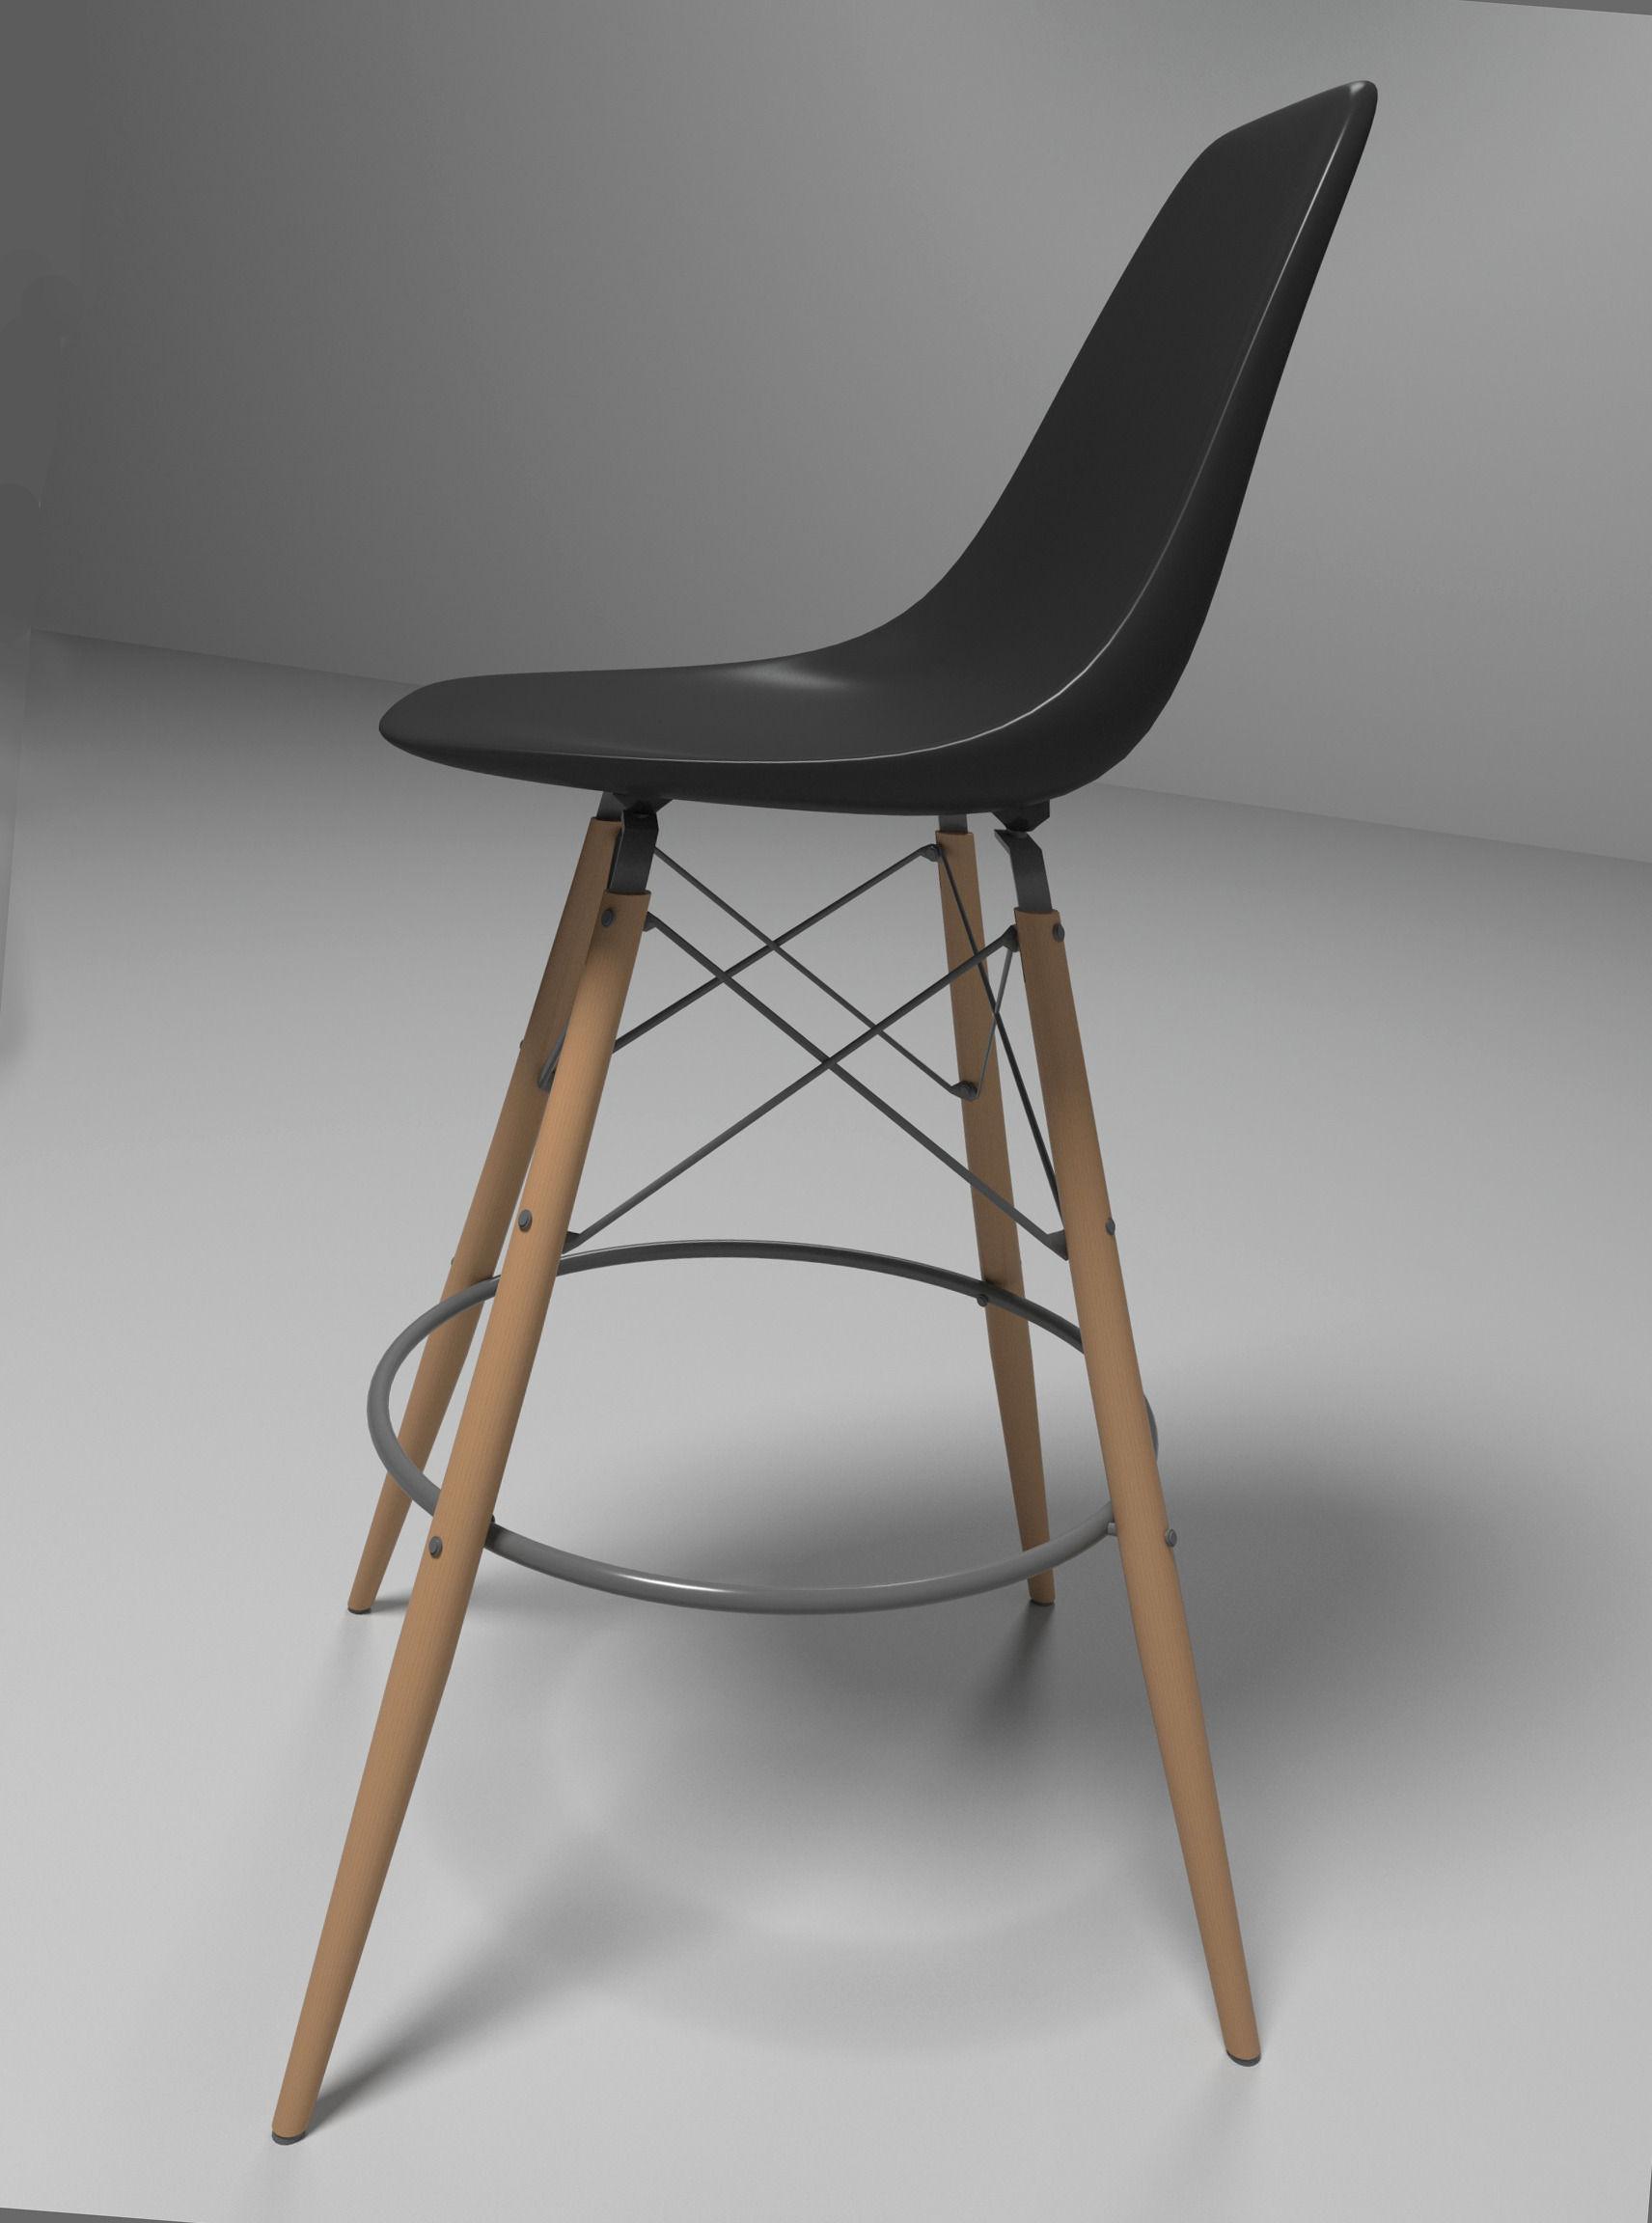 eames bar chair d model max obj ds fbx mtl -  eames bar chair d model max obj ds fbx mtl